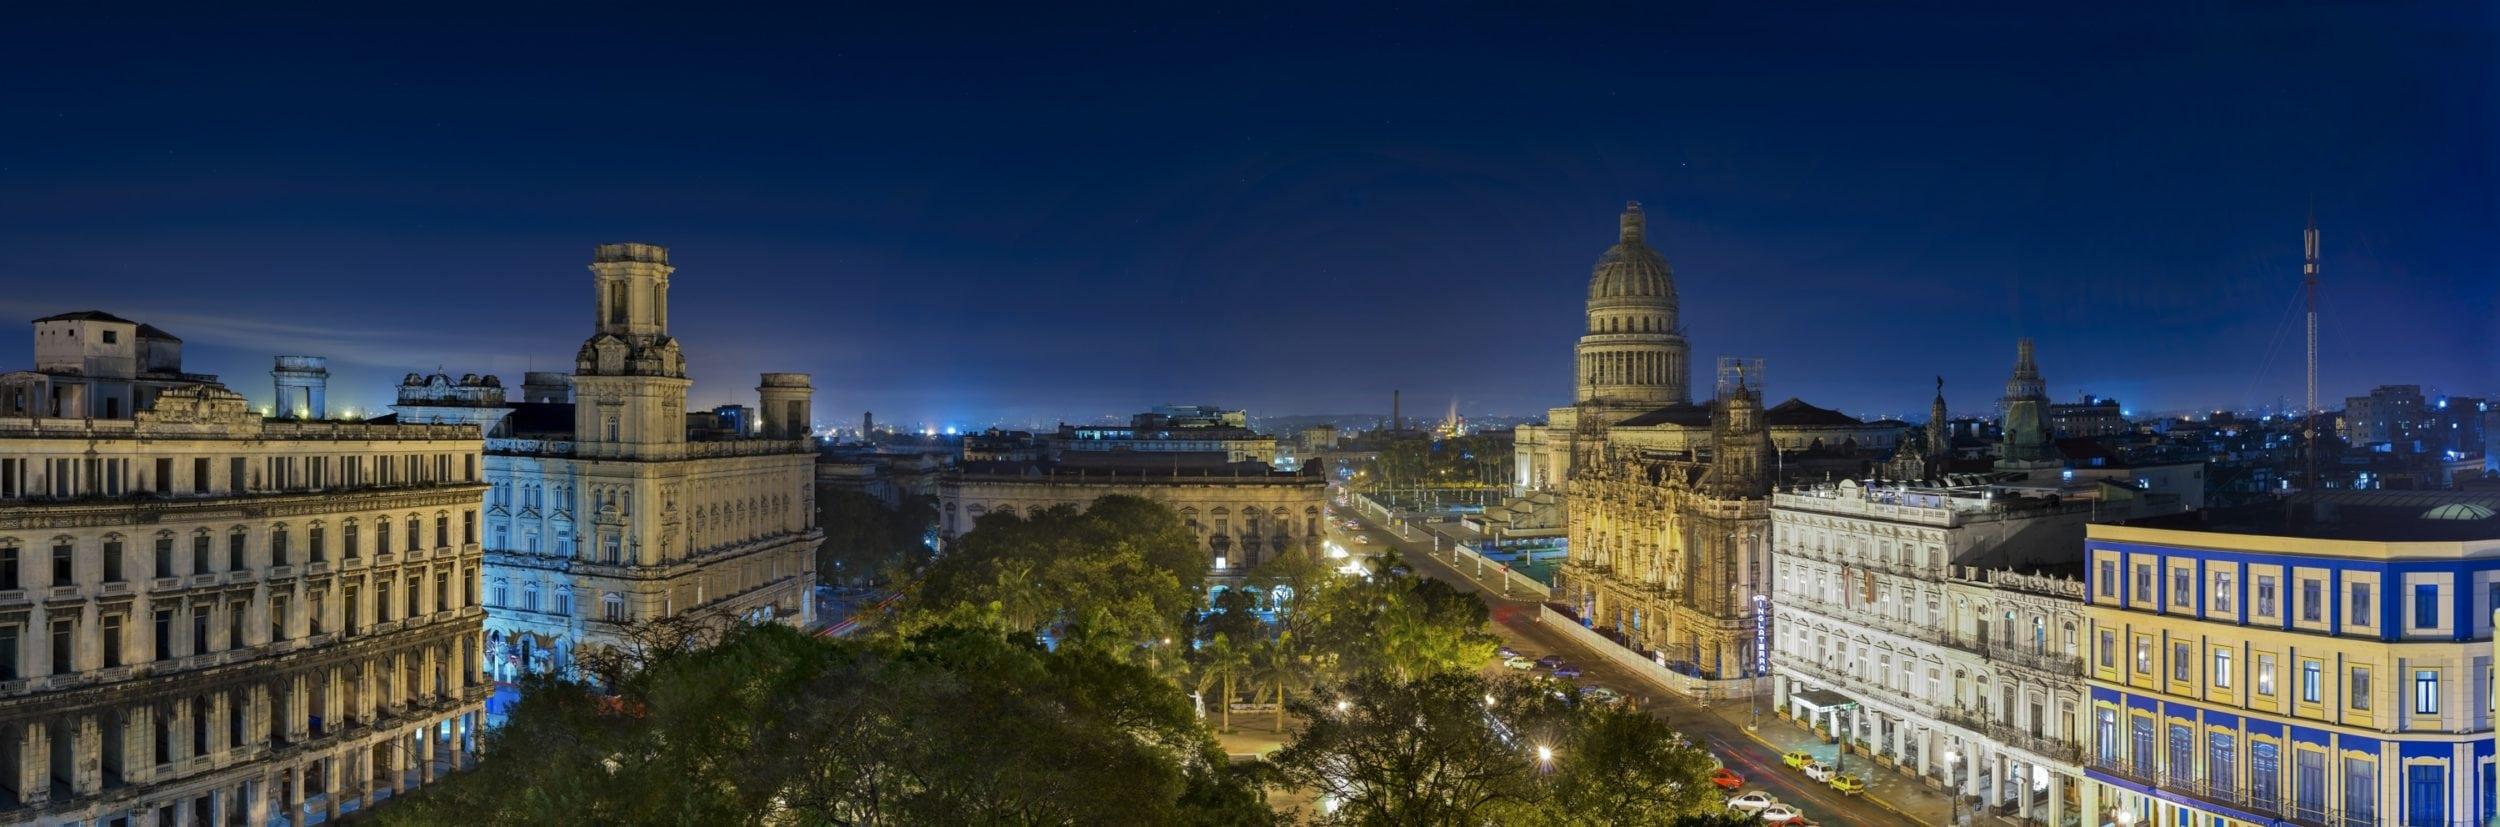 Havana_Night_Panorama_MASTER_DSC2302